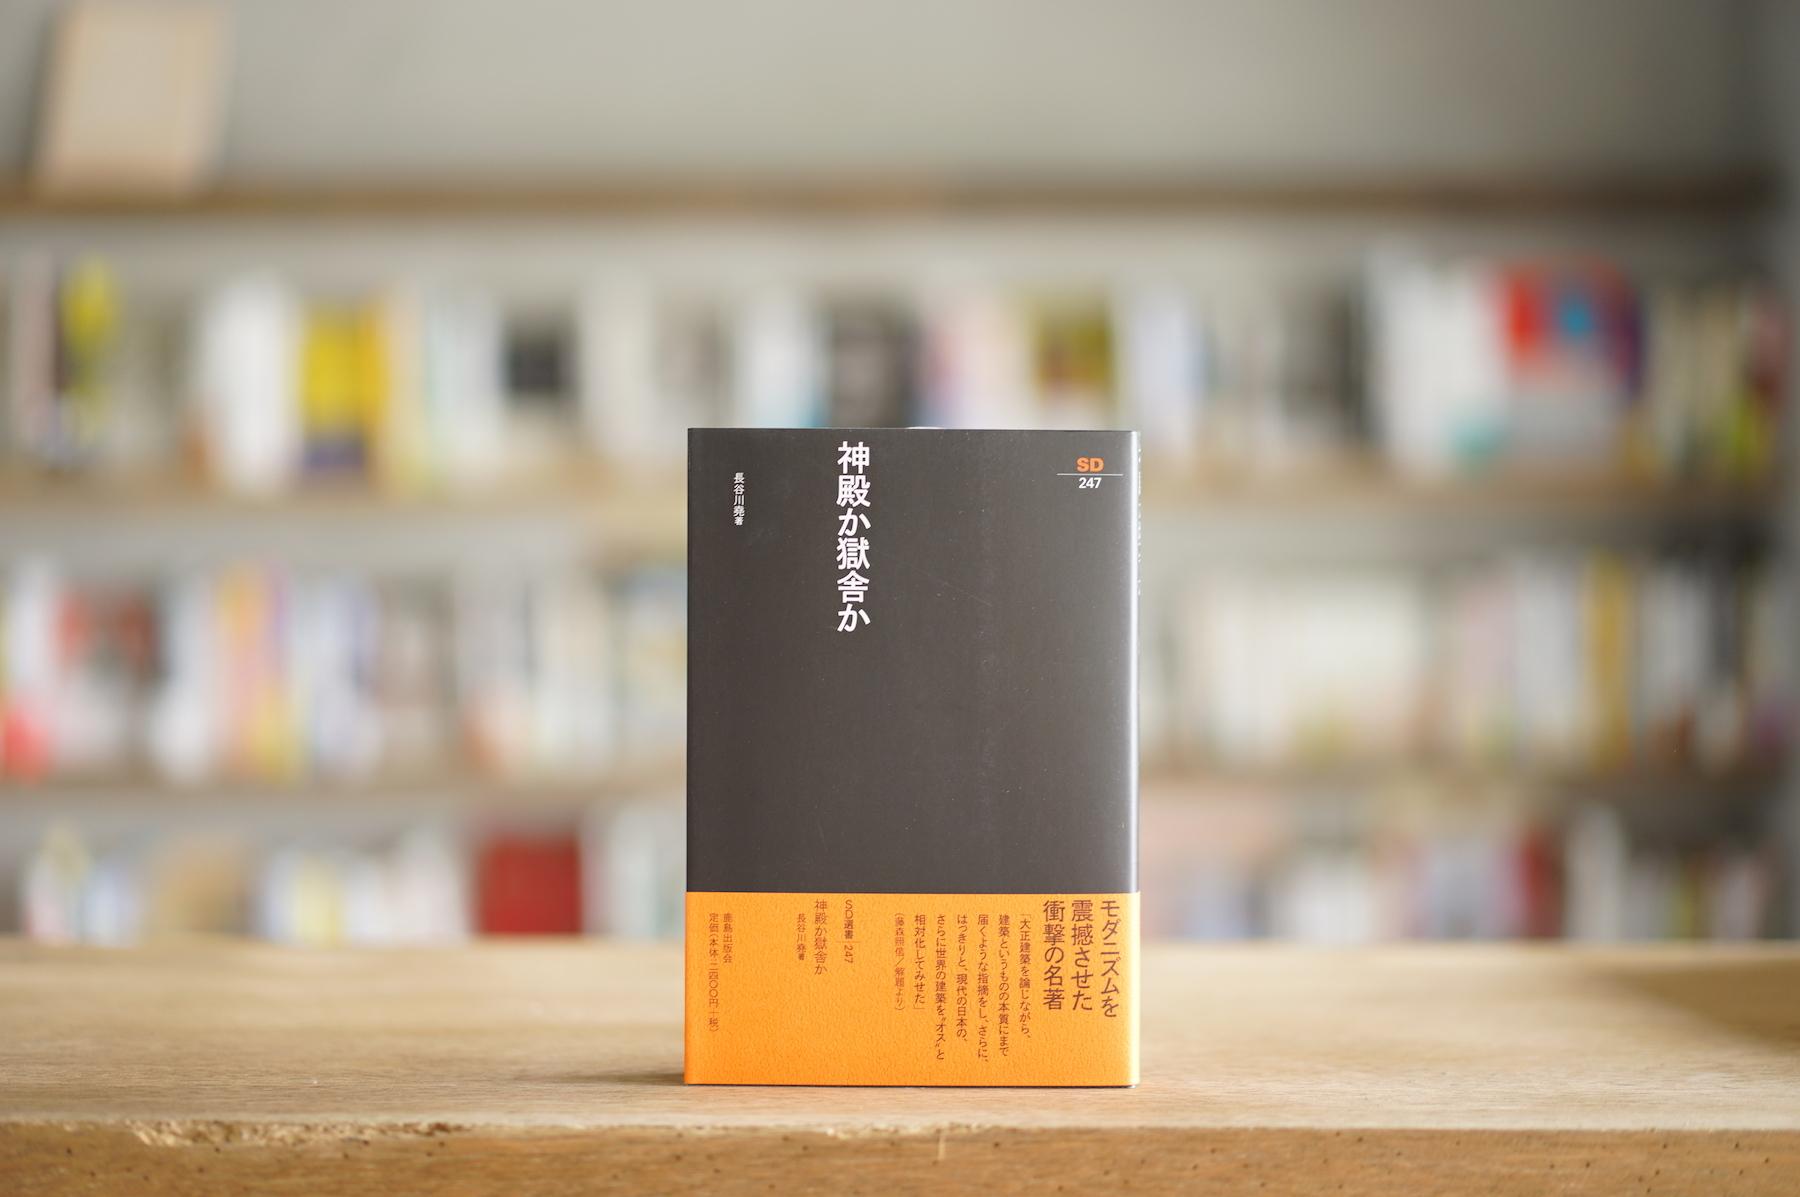 長谷川堯 『神殿か獄舎か』 (鹿島出版会、2007)